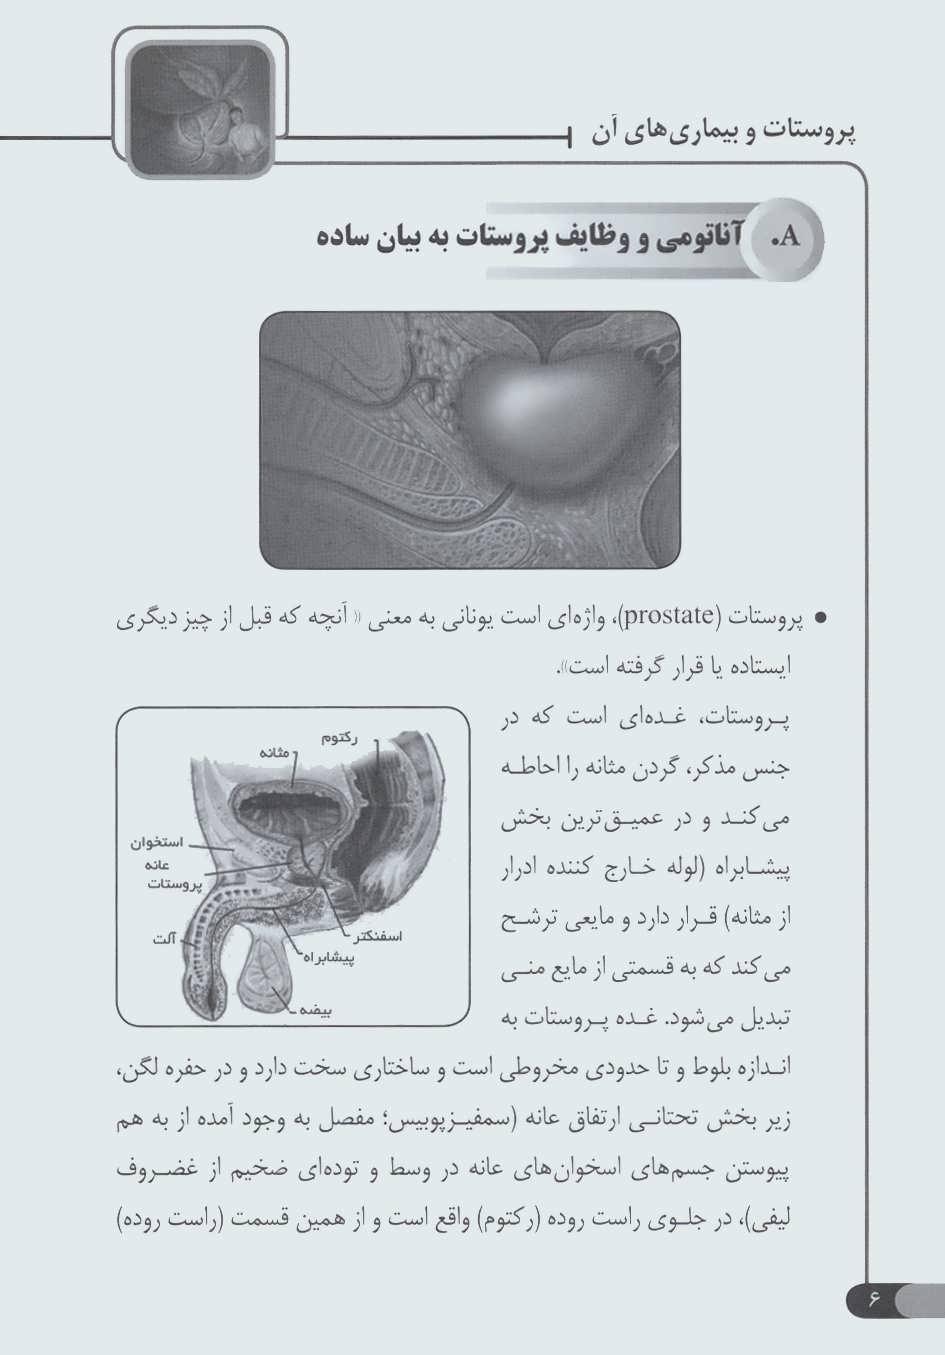 پروستات و بیماری های آن (راهنمای پزشکی خانواده)